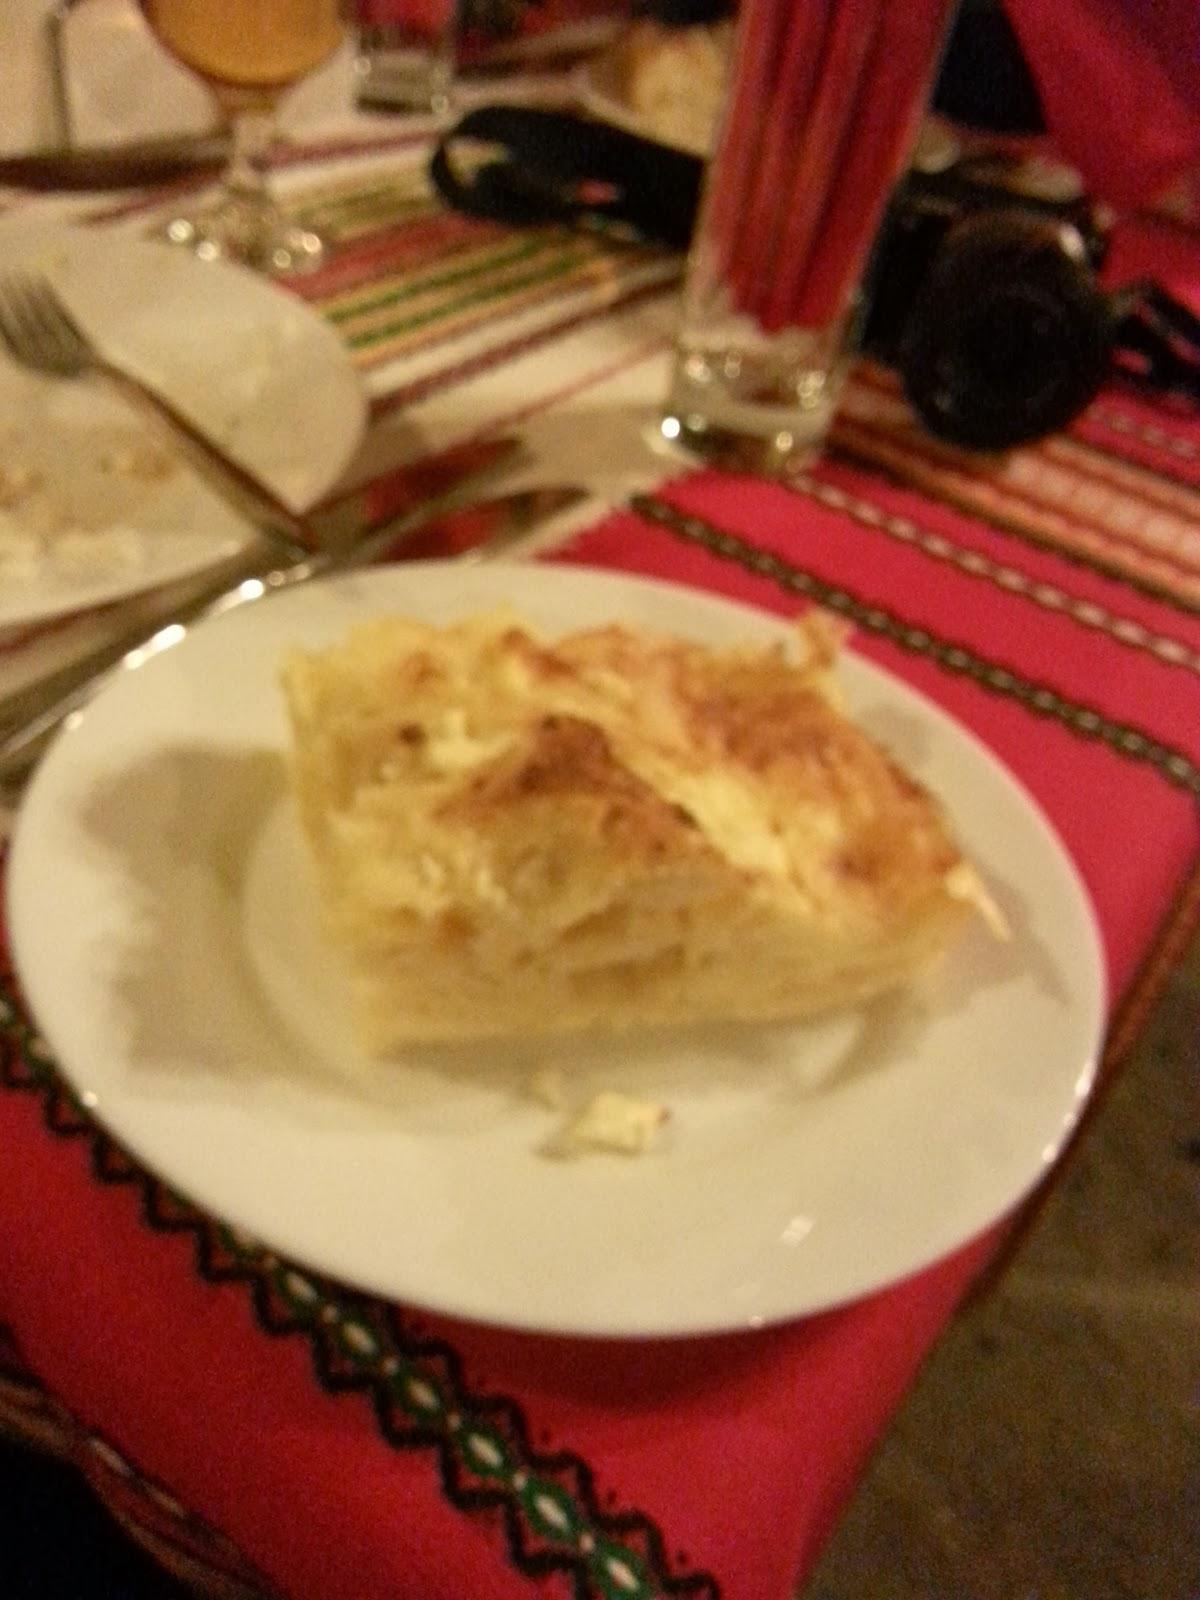 Then a slice of nomnom Banitsa